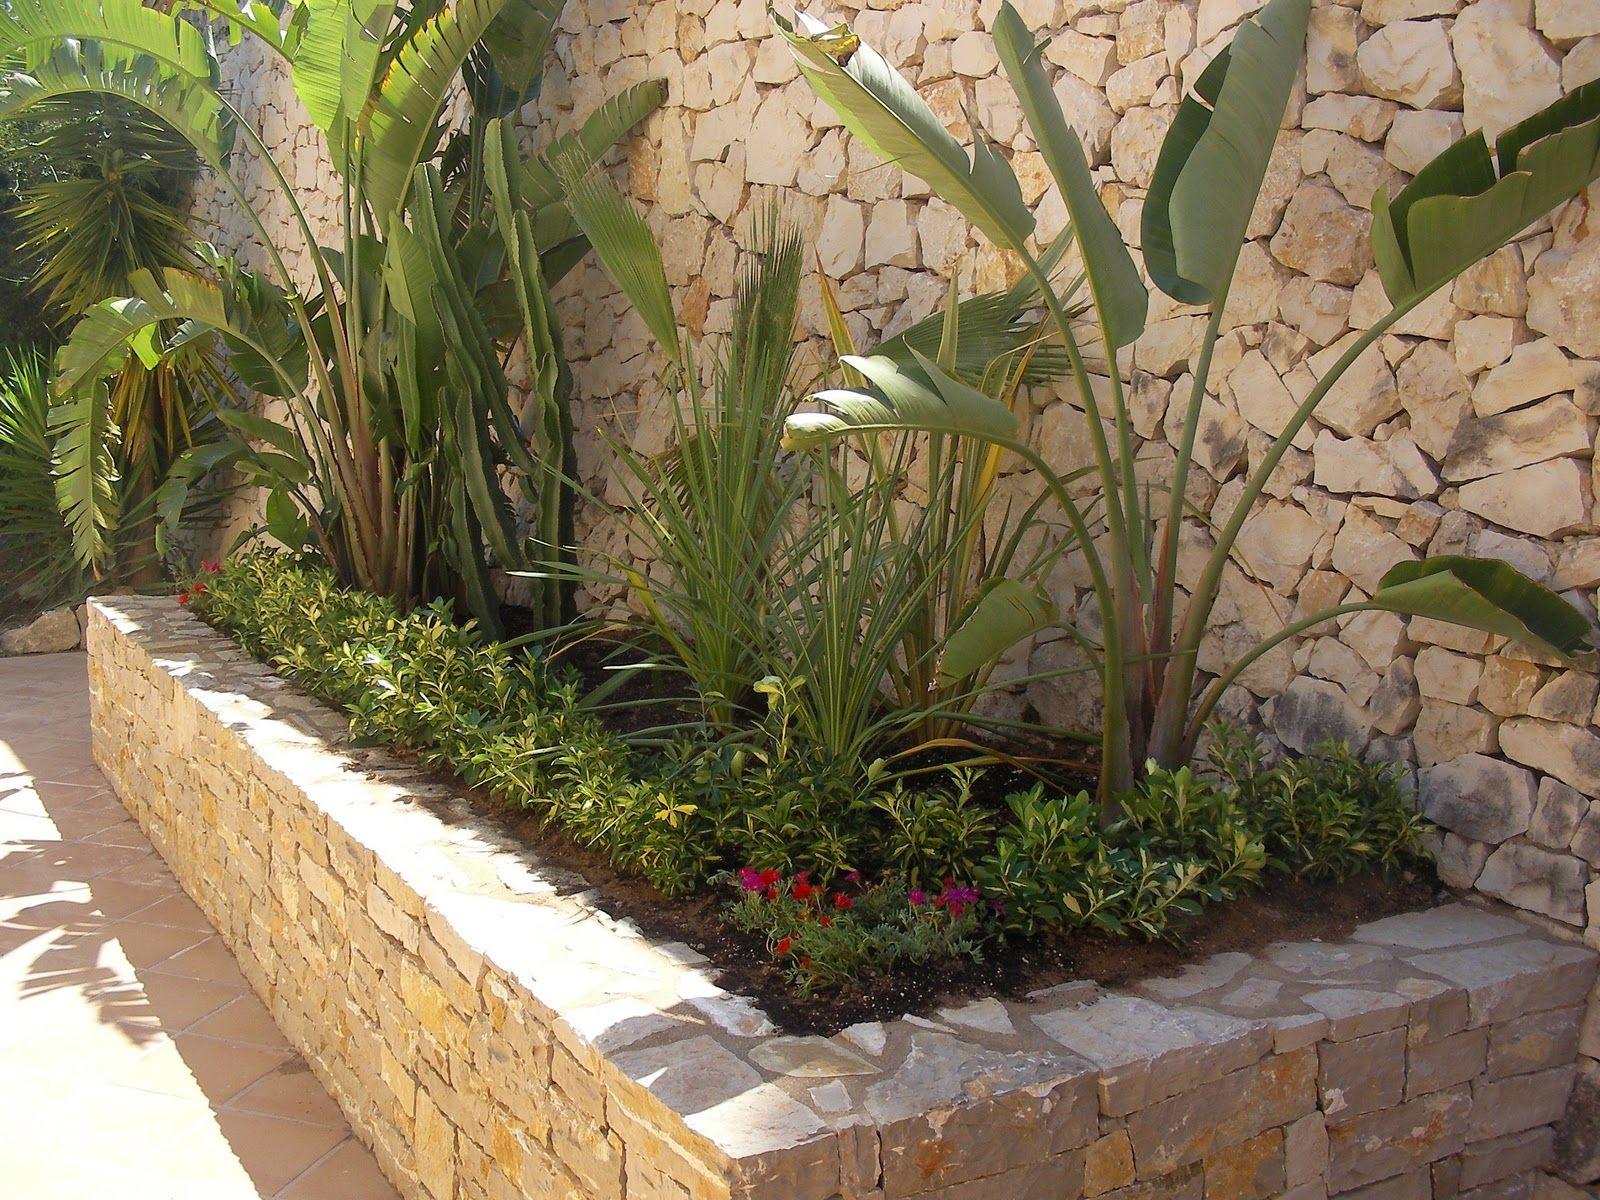 Paisajismo Jardineras Con Piedras Buscar Con Google Jardines Jardines Rústicos Jardineras Exterior